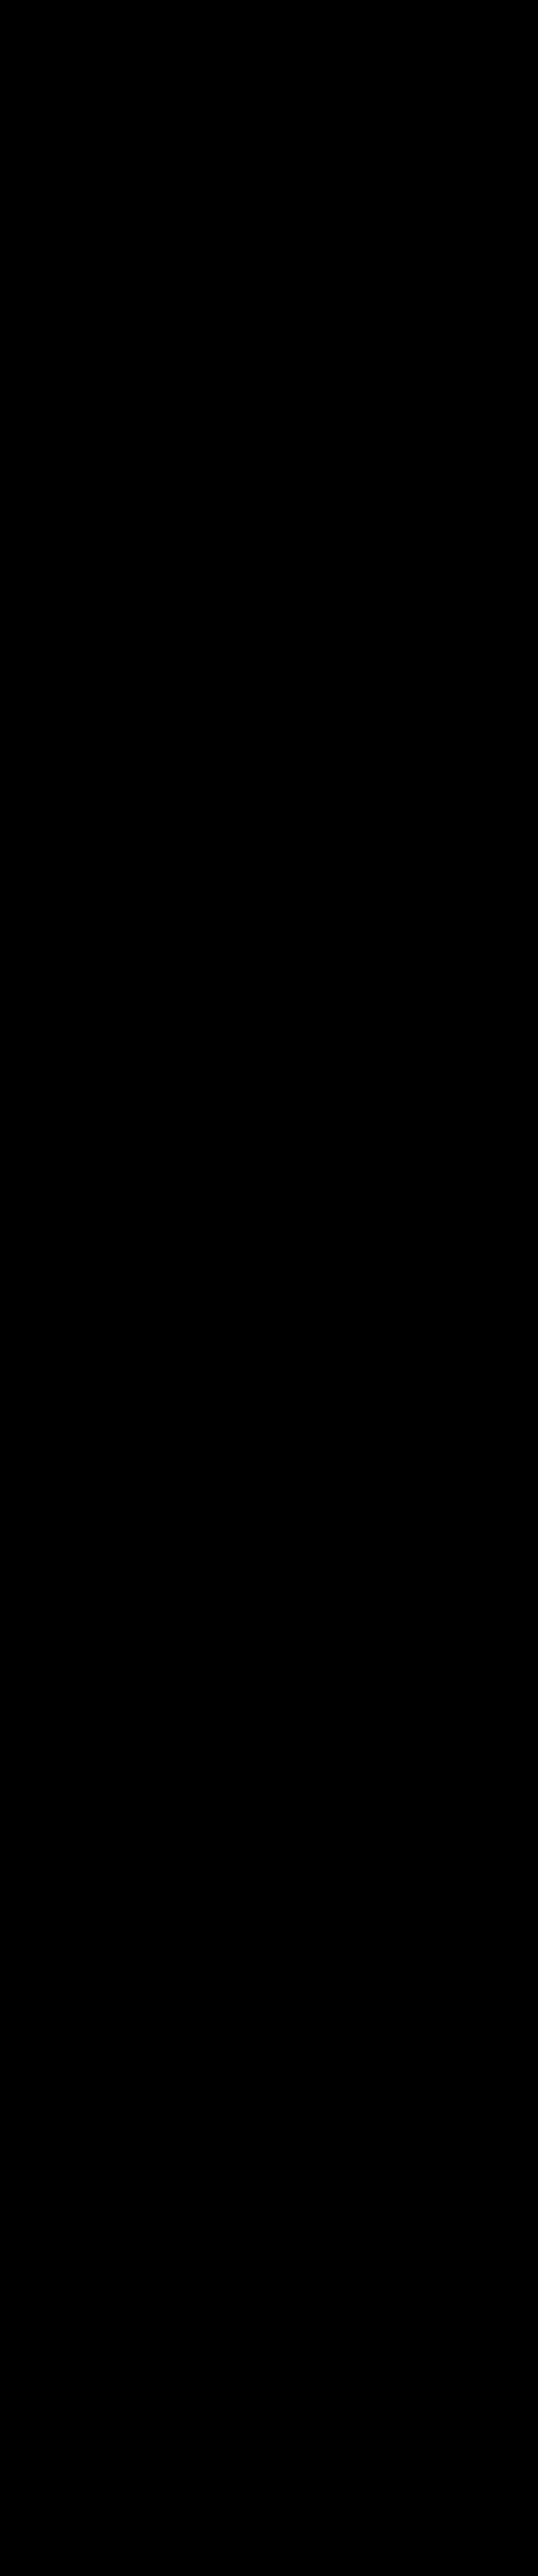 FW GUNDAM CONVERGE:CORE フルアーマー・ユニコーンガンダム【プレミアムバンダイ限定】